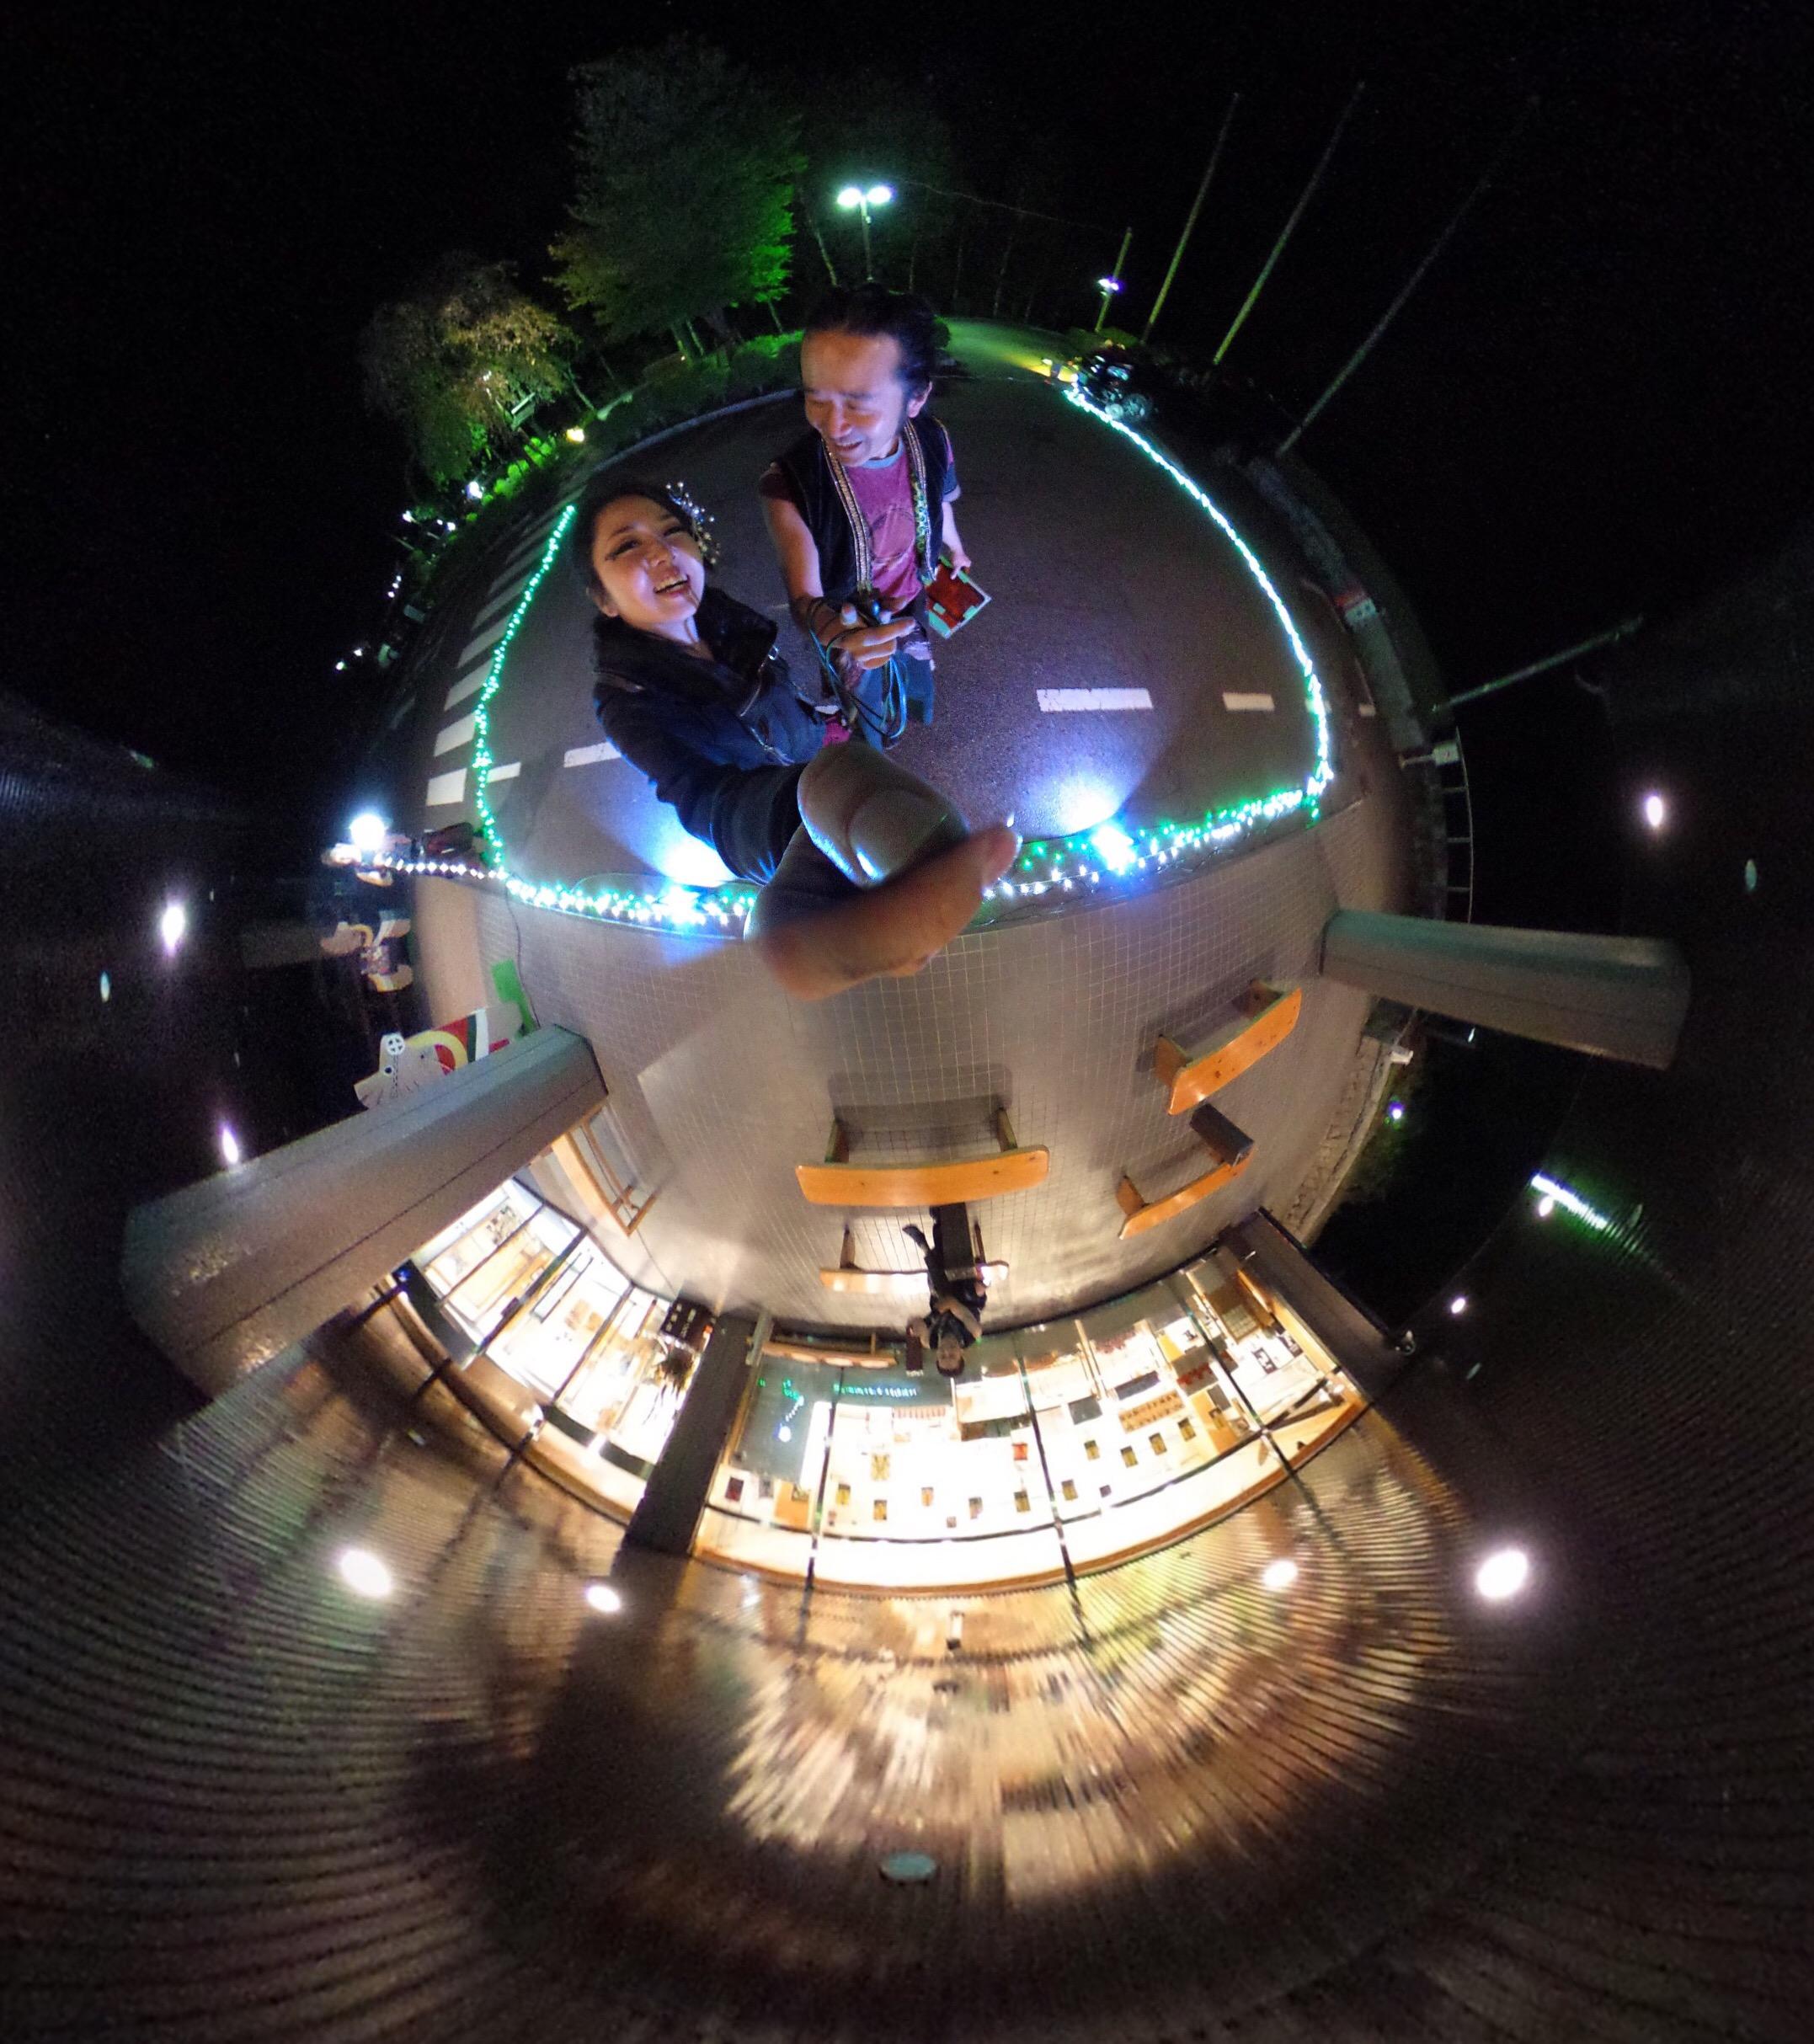 木曽駒高原ホテルでファイアーショー